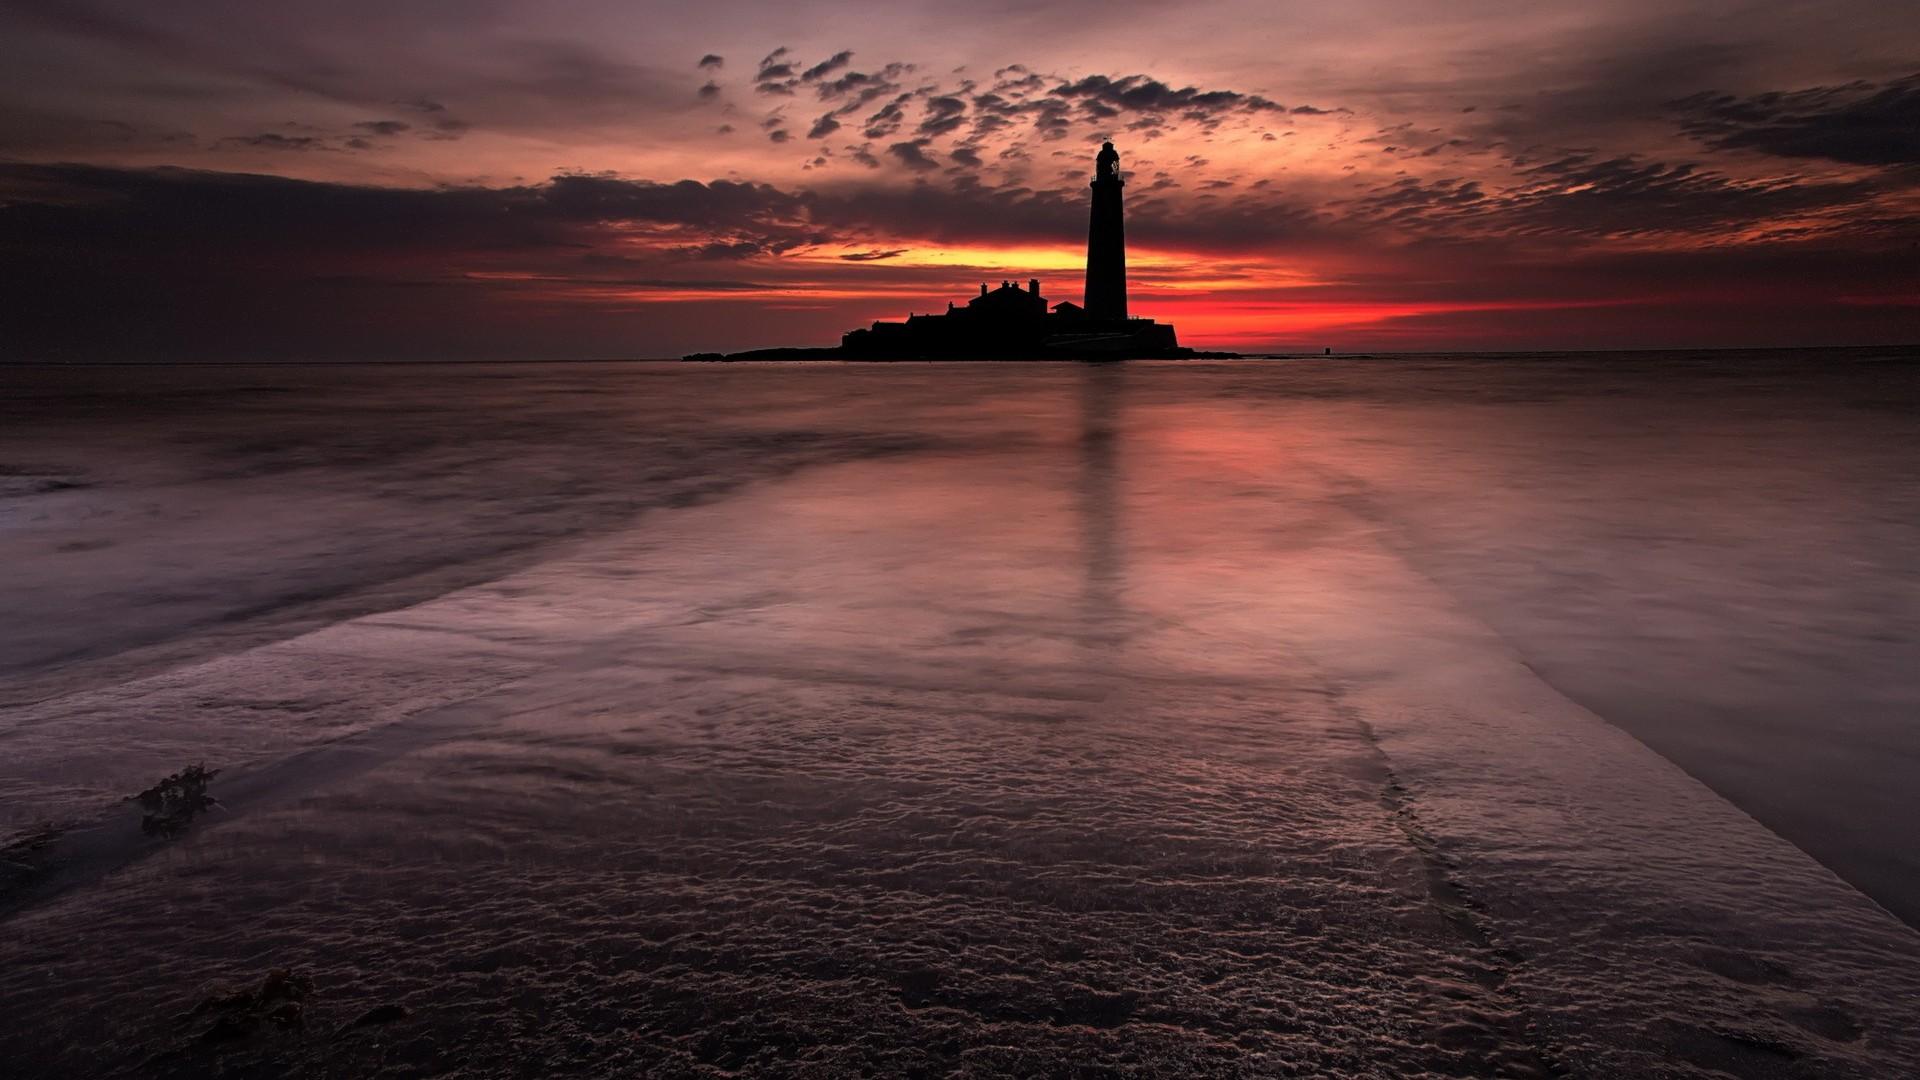 закат маяк море  № 1019930 бесплатно